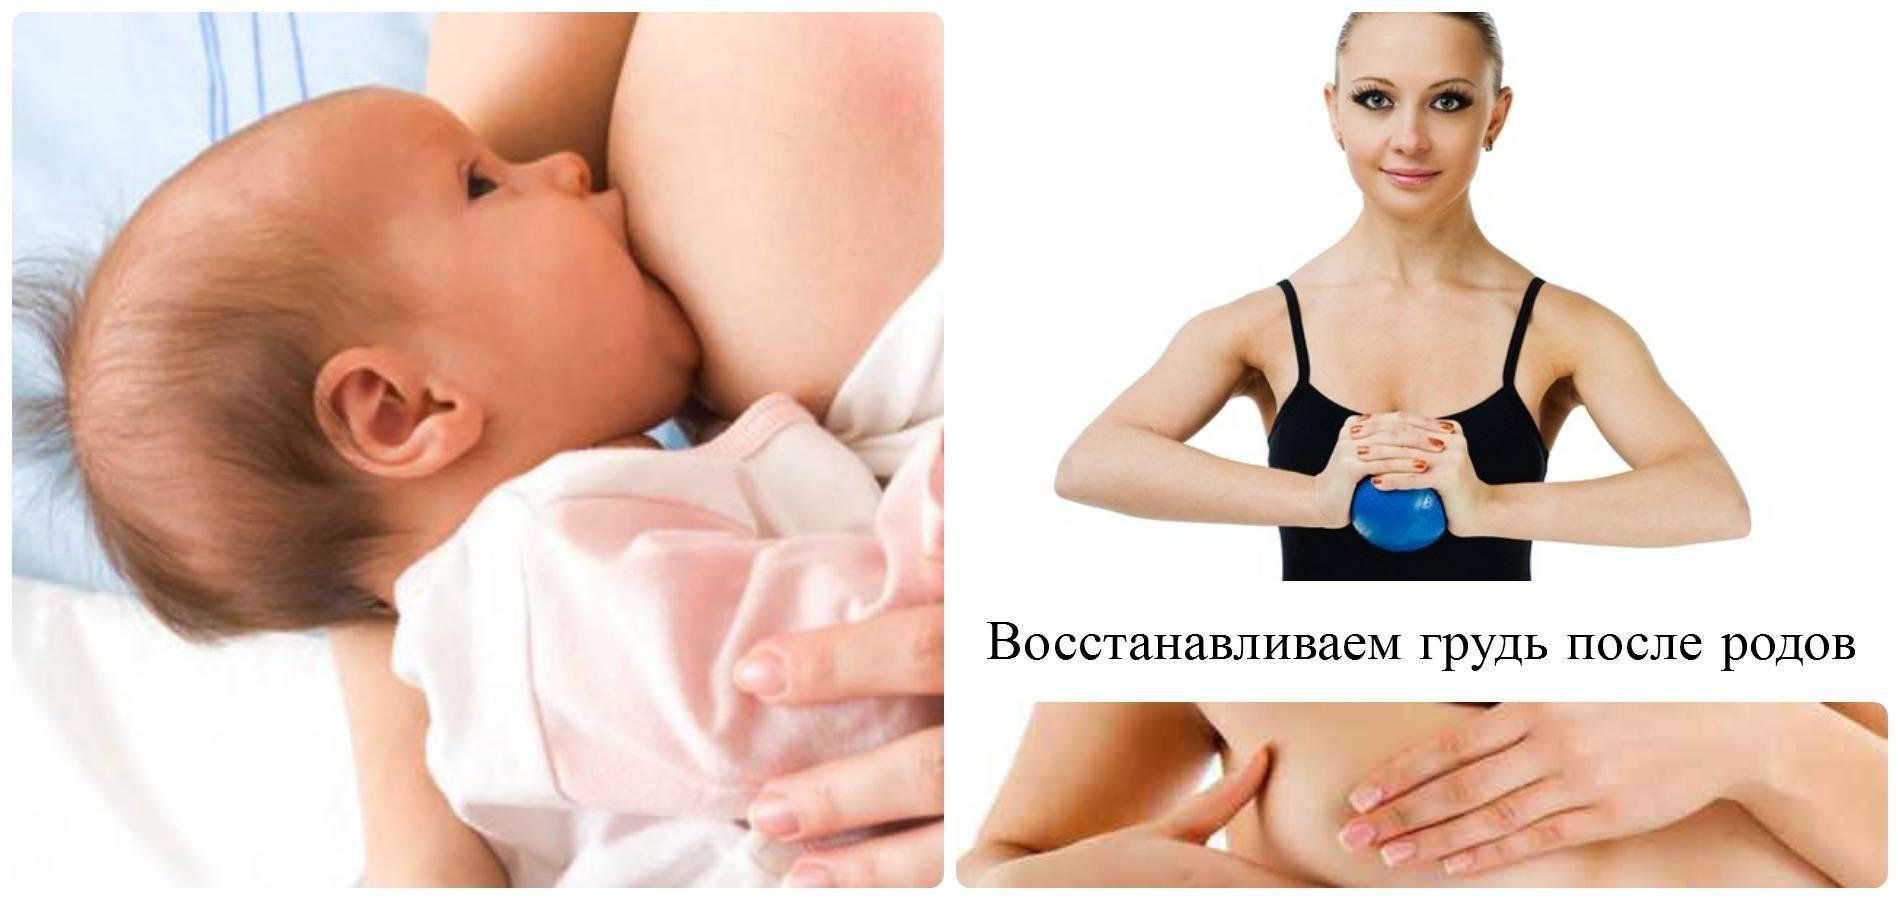 Восстановление груди после беременности и вскармливания ребёнка